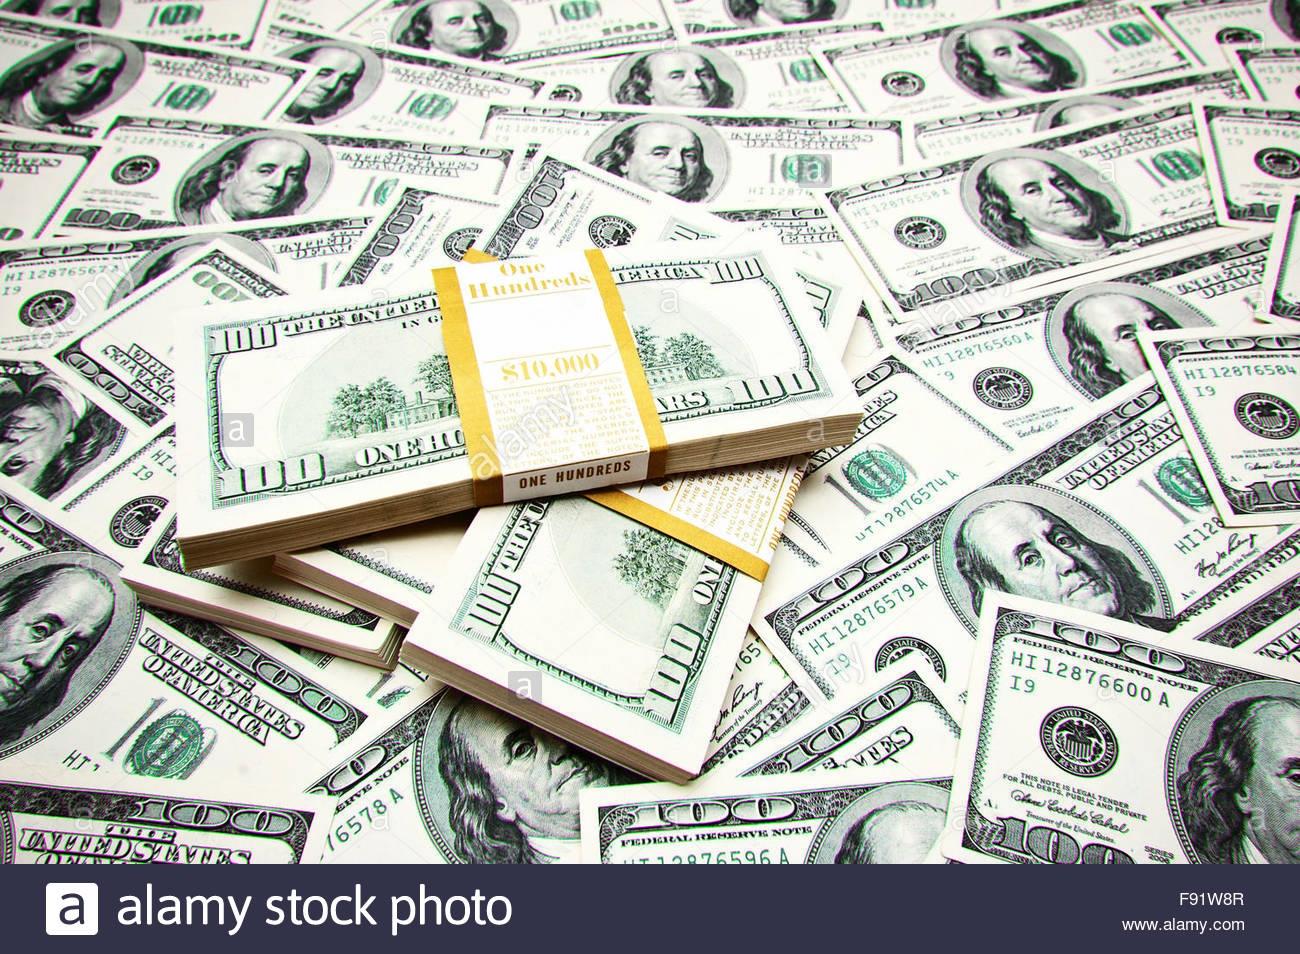 55- ը անվճար Slots Capital- ում խաղարկություն չի կատարում